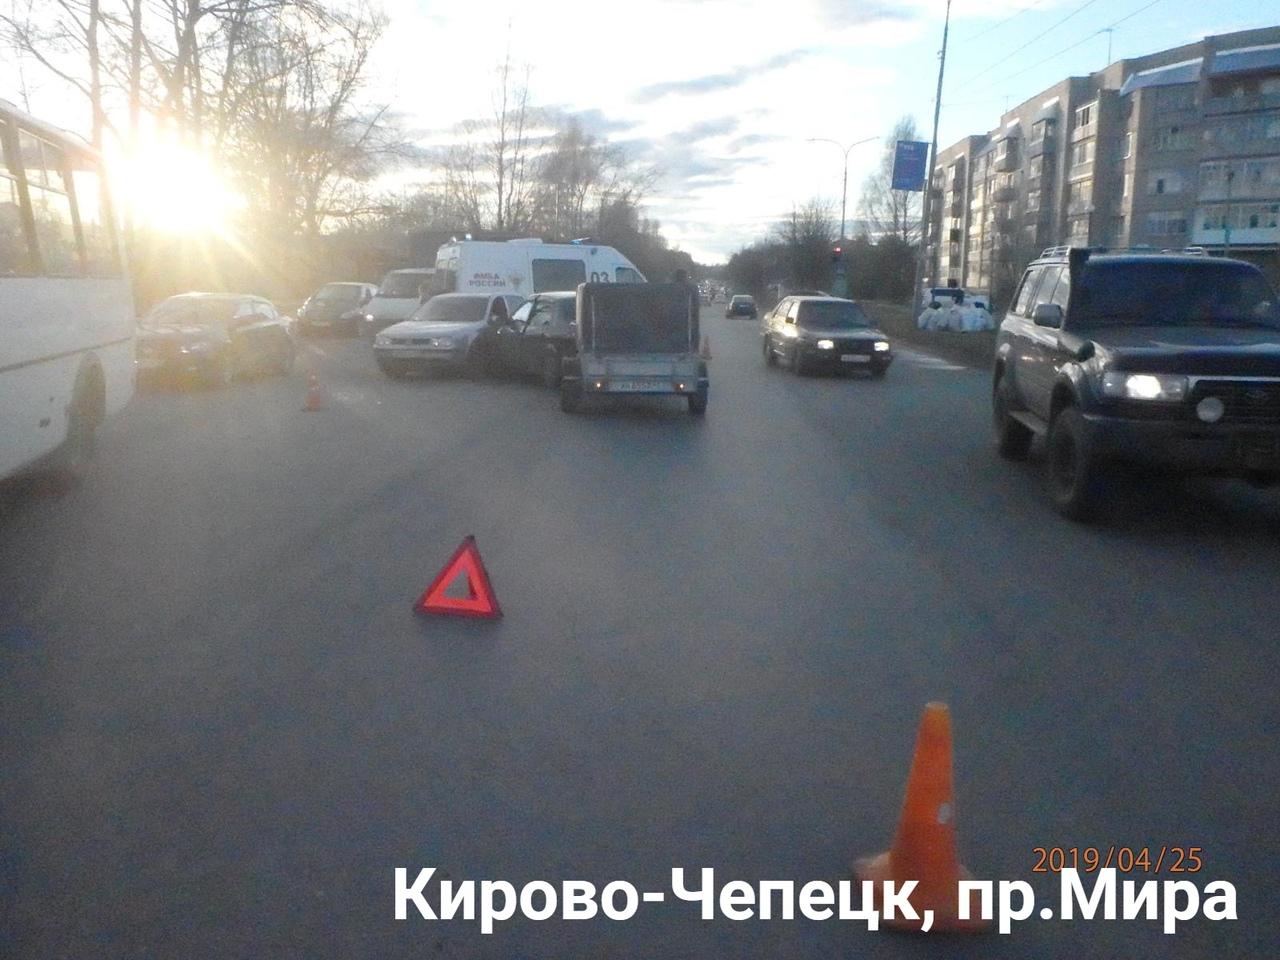 Появились подробности ДТП в Боево: есть пострадавшие